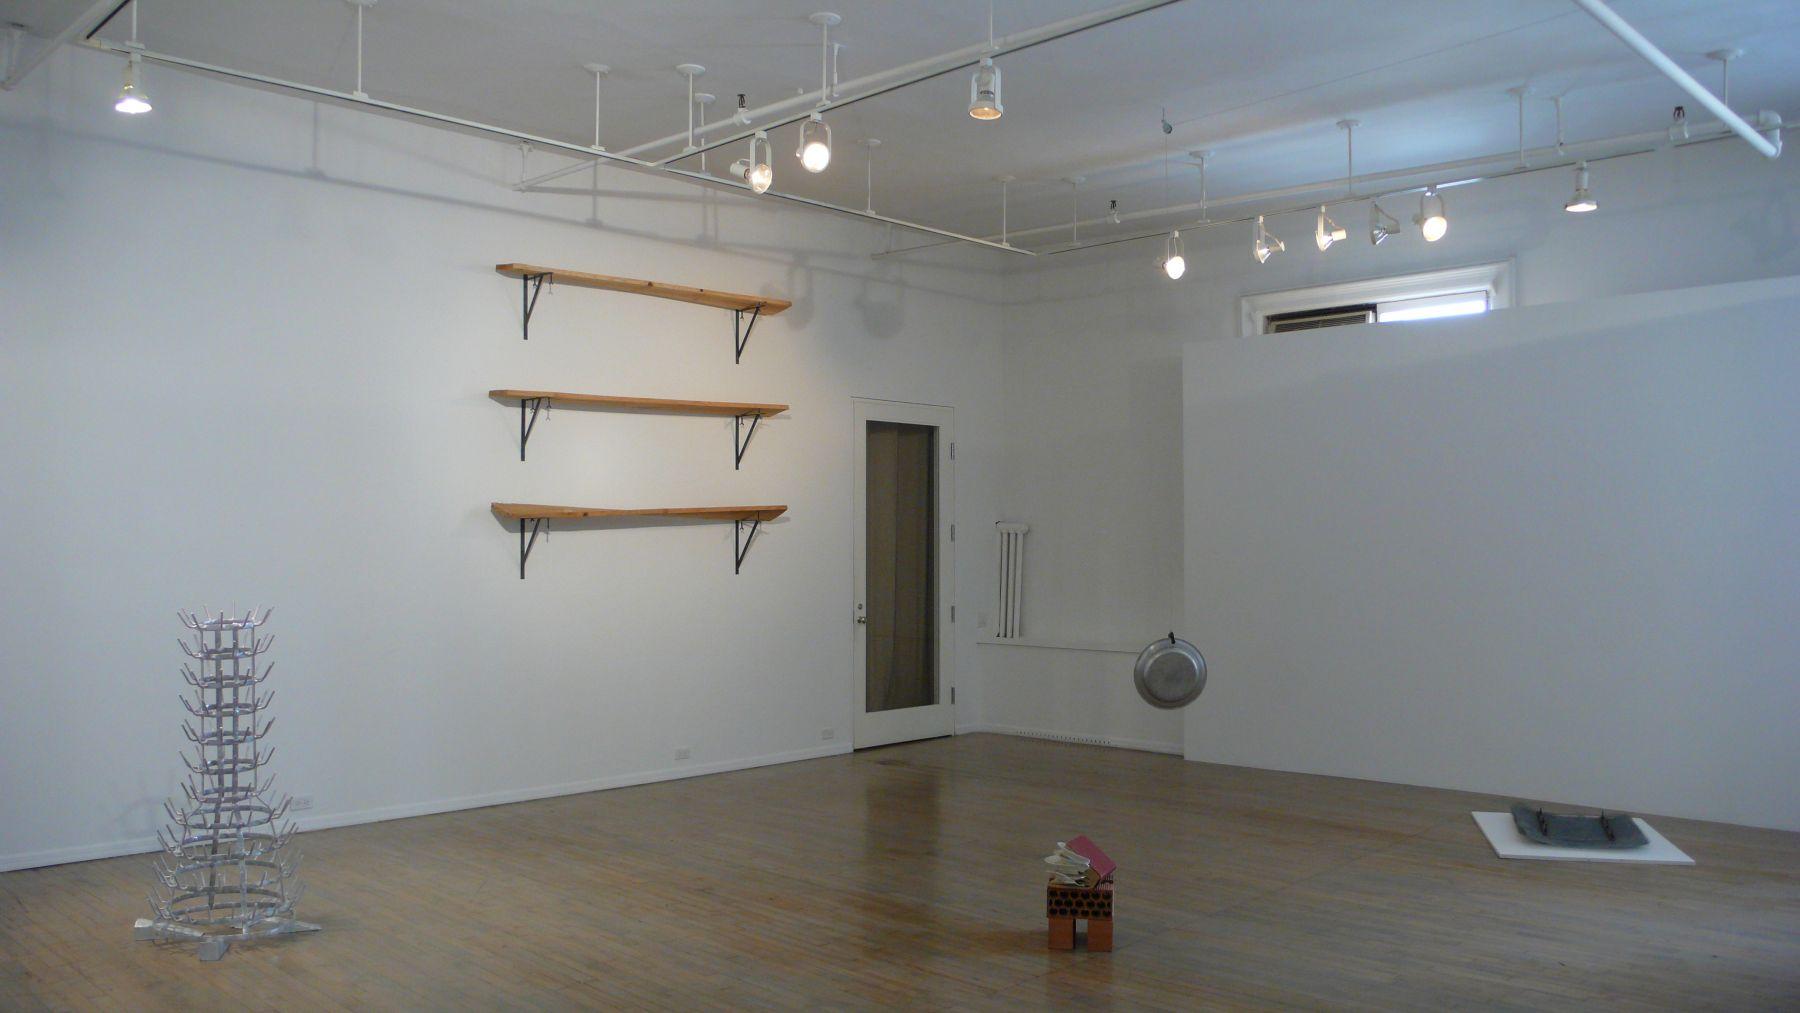 Richard Wentworth – installation view 1